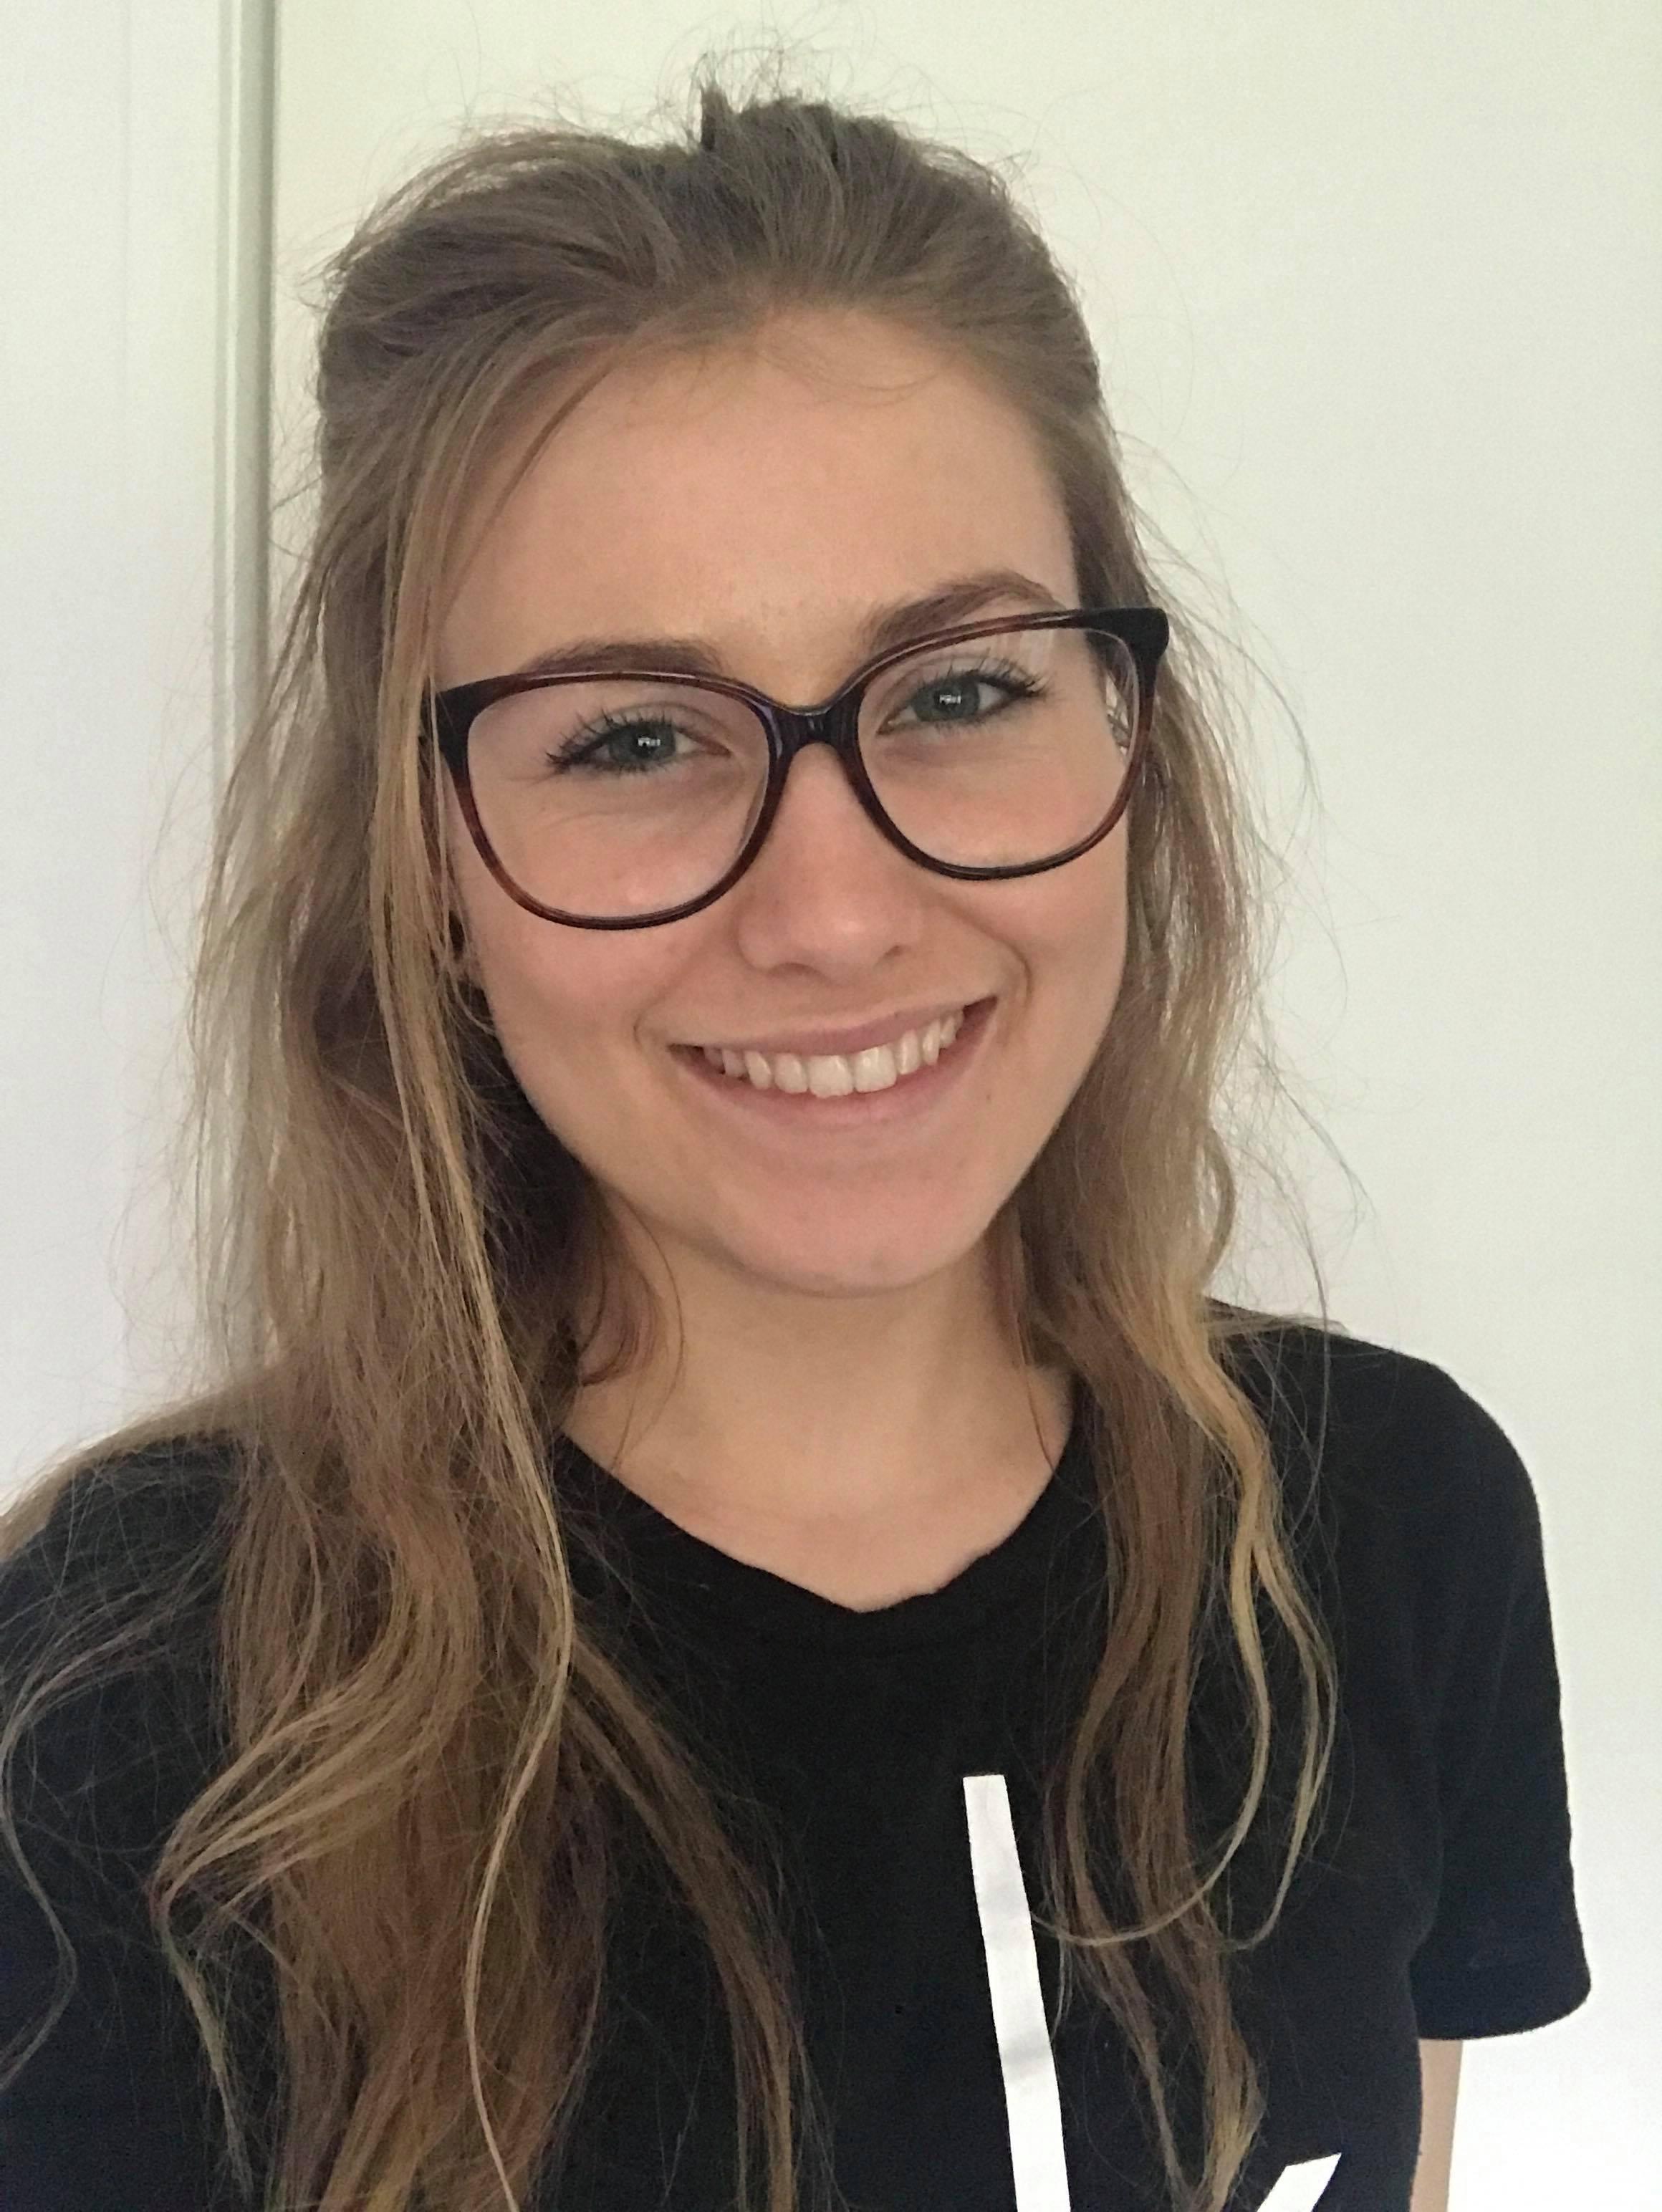 Amy Congerton